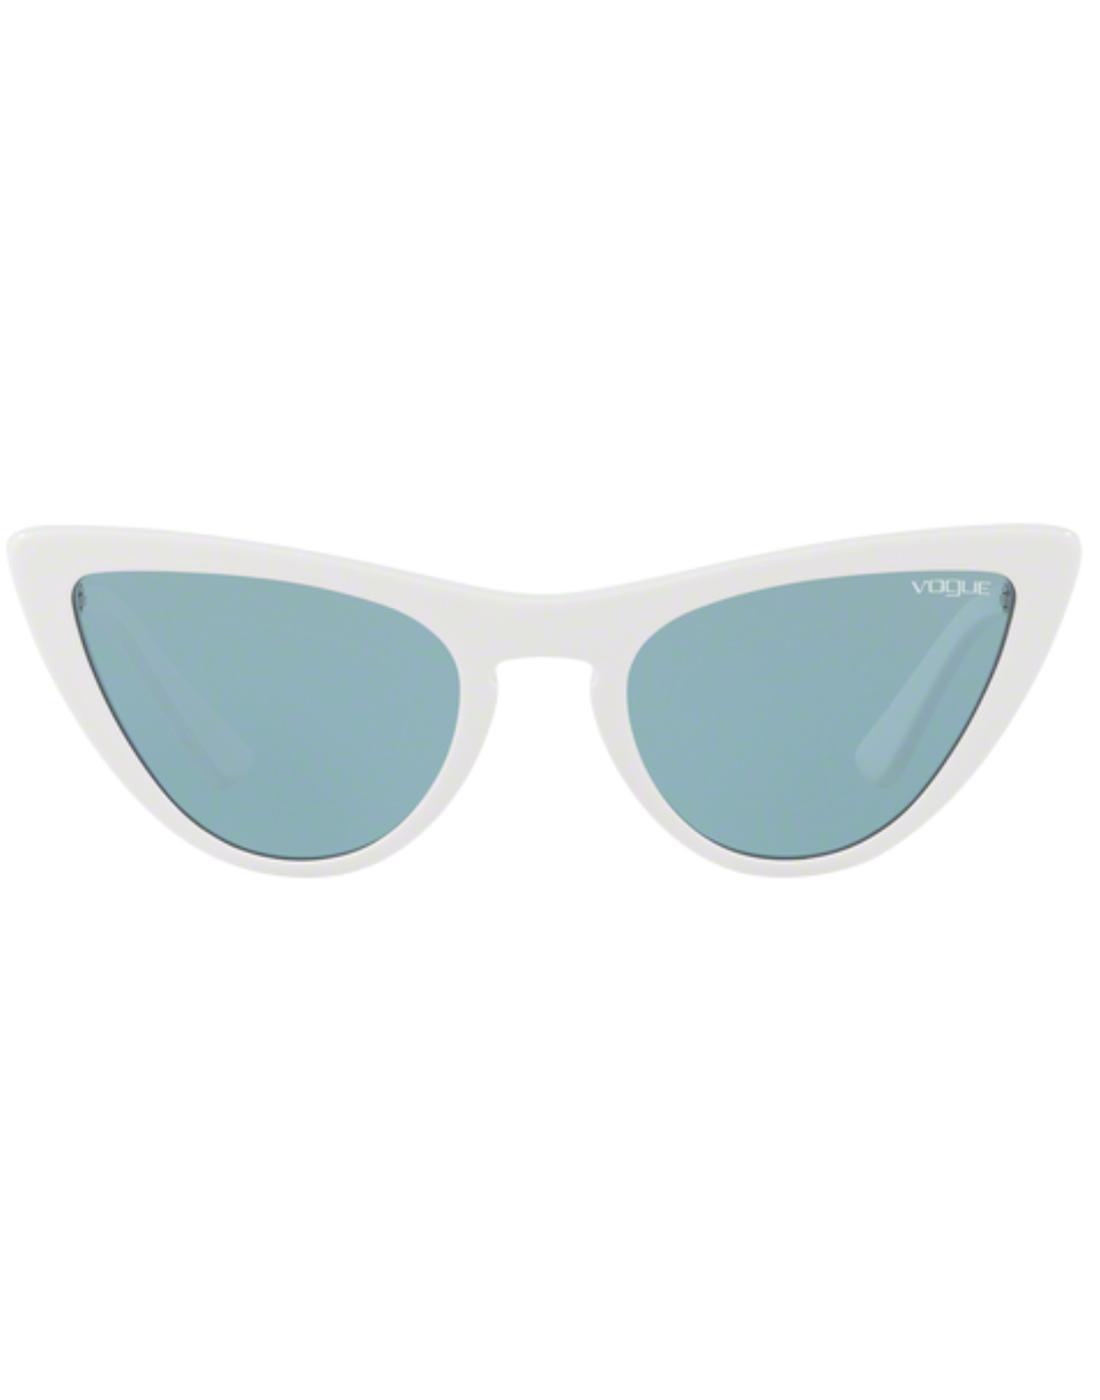 VOGUE Gigi Hadid Retro 50s Vamp Sunglasses White